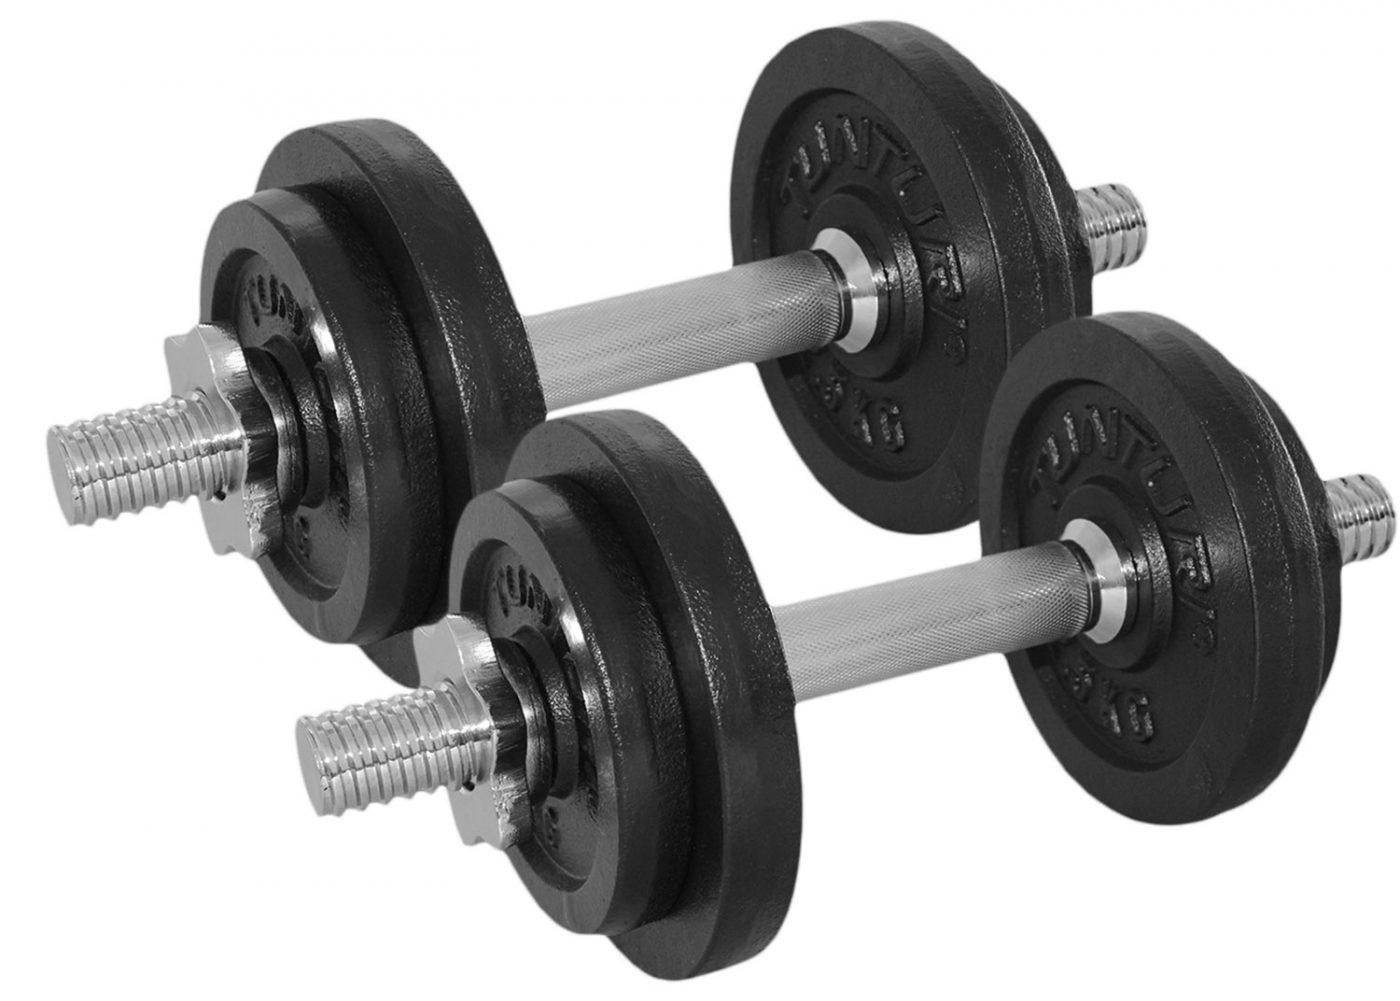 Tunturi Dumbbellset - Halterset - Totaal 20 kg - 2 stuks Gietijzer met schroefsluitingen